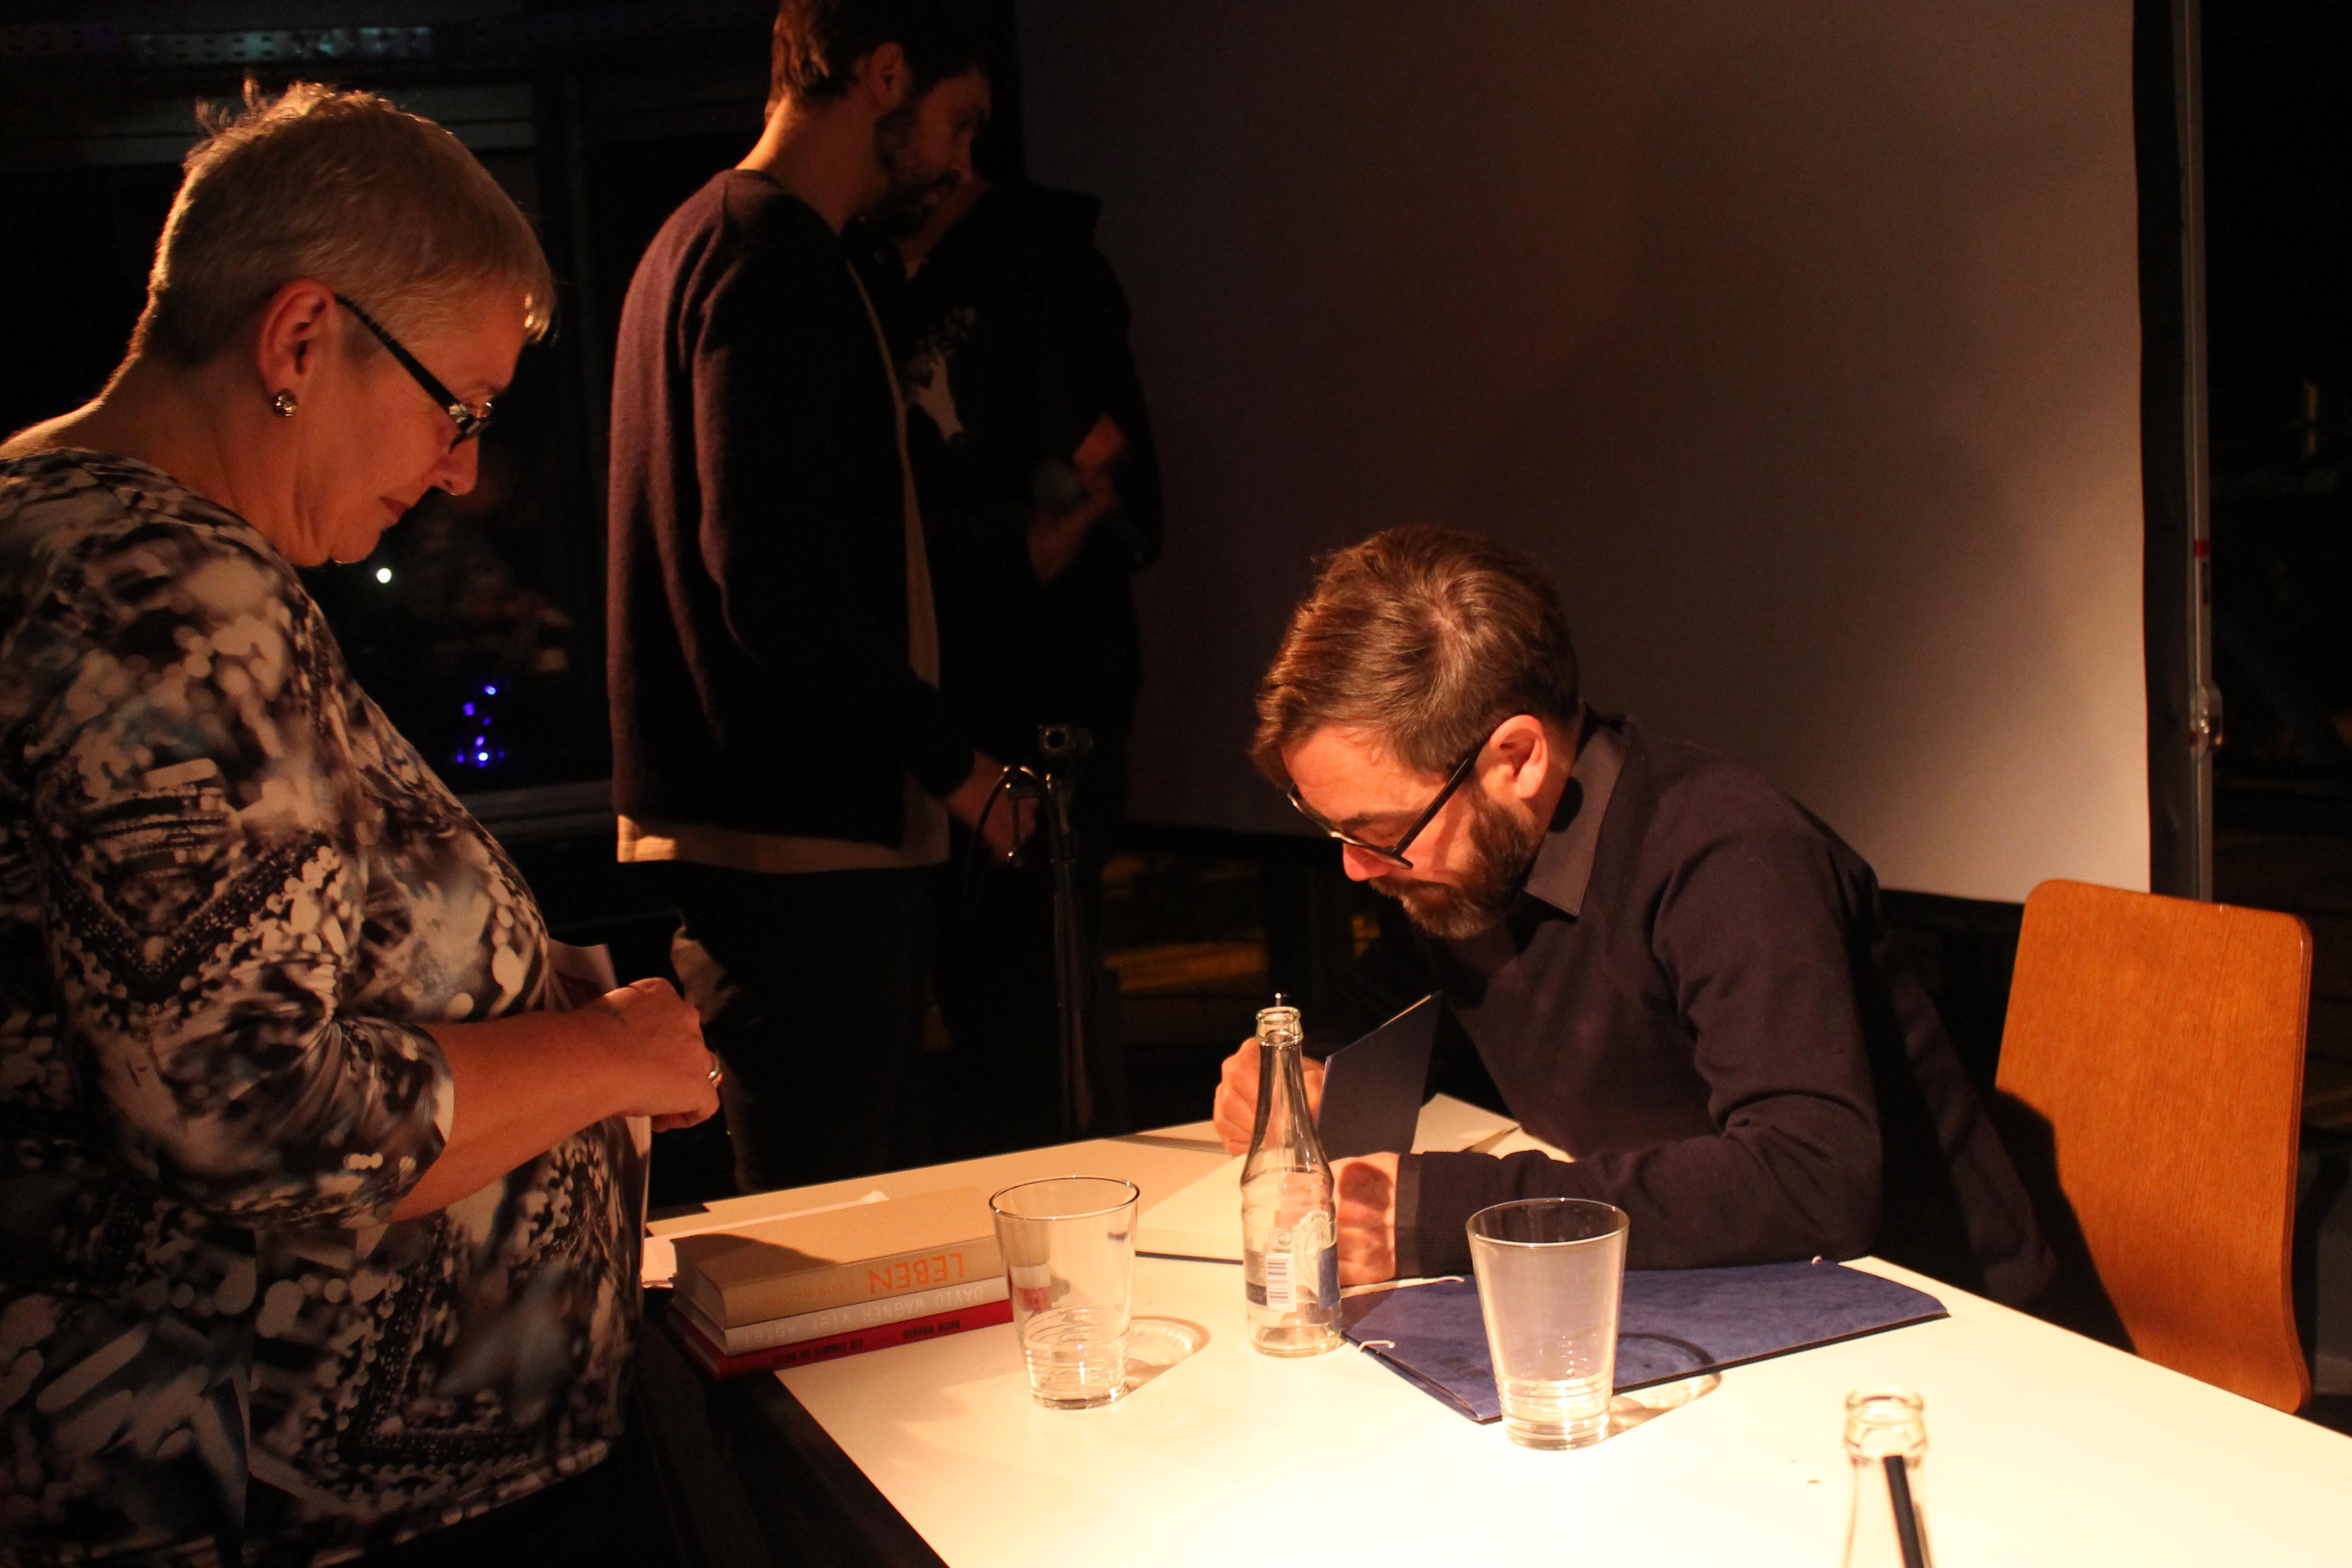 Nach der Lesung gibt David Wagner, einer der Autoren, Autogramme. Bild  Livia von Oldershausen